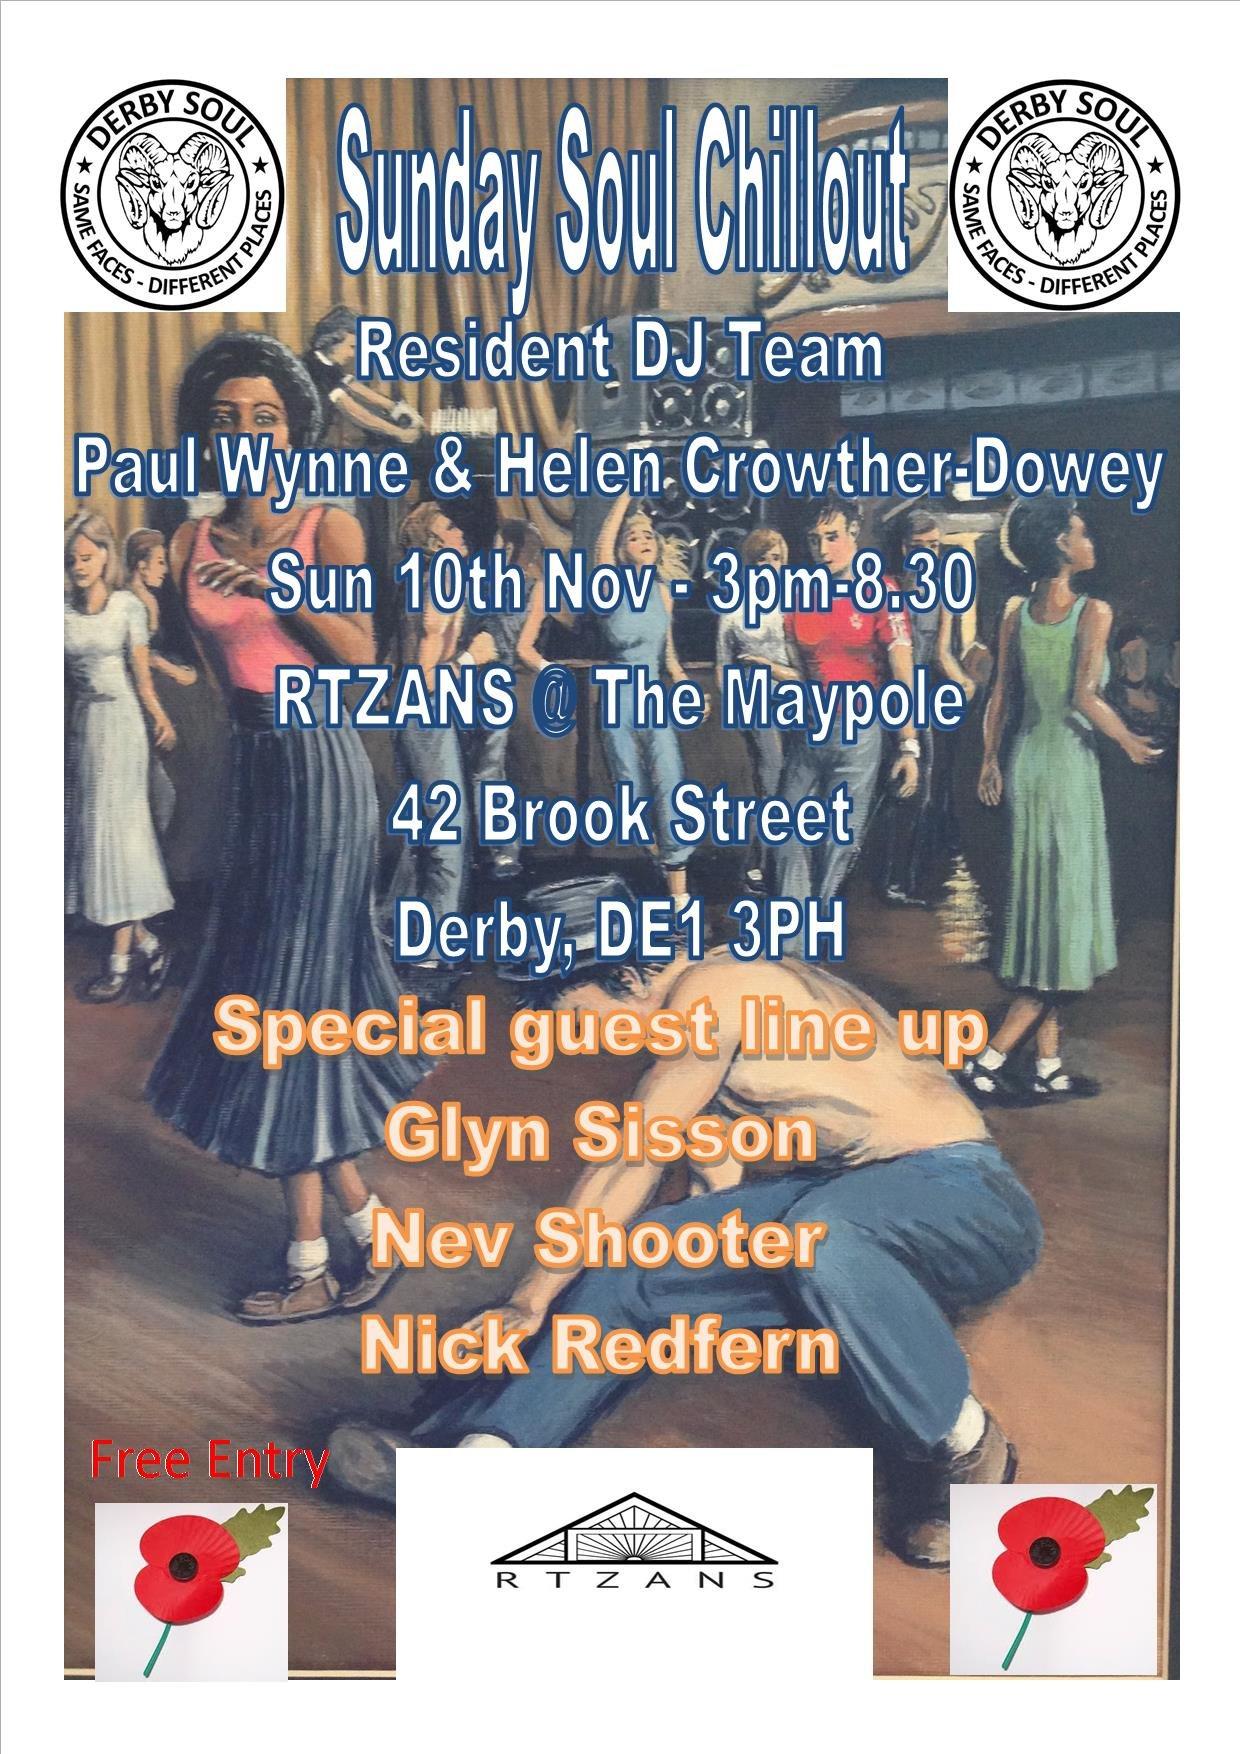 Sunday Soul Chillout flyer